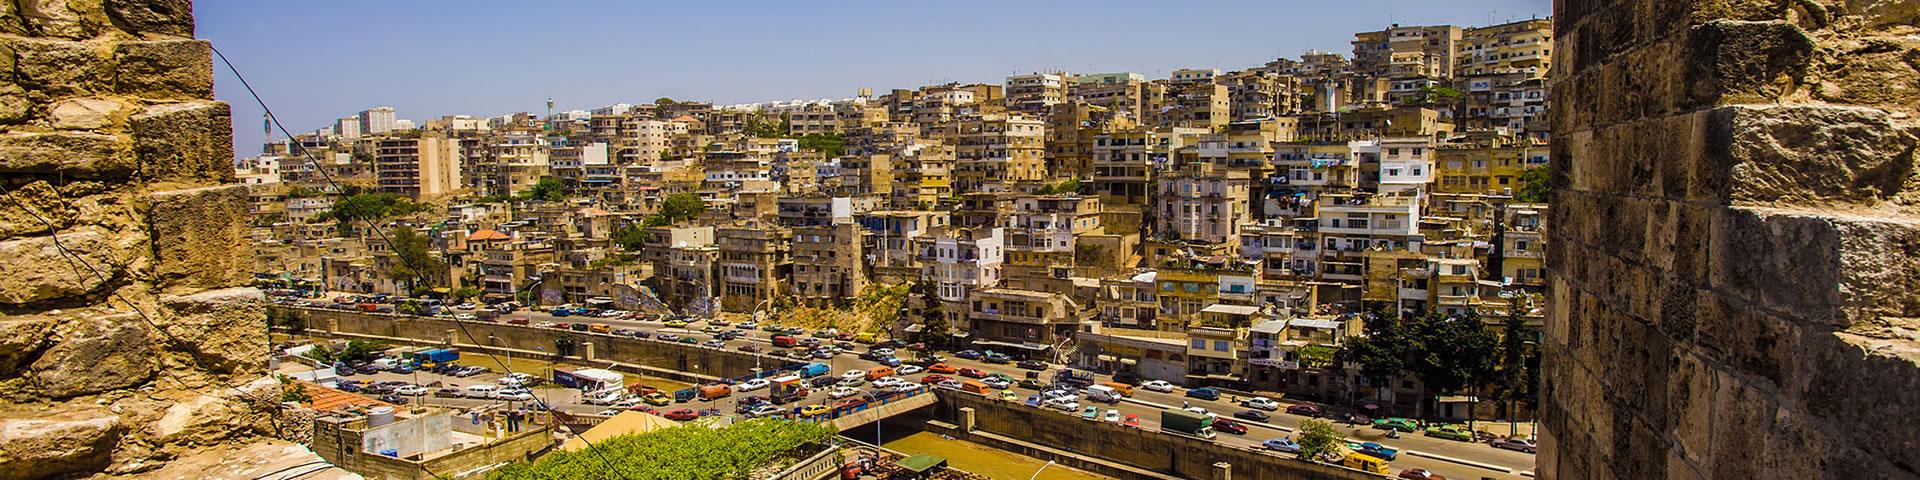 بلعبک لبنان